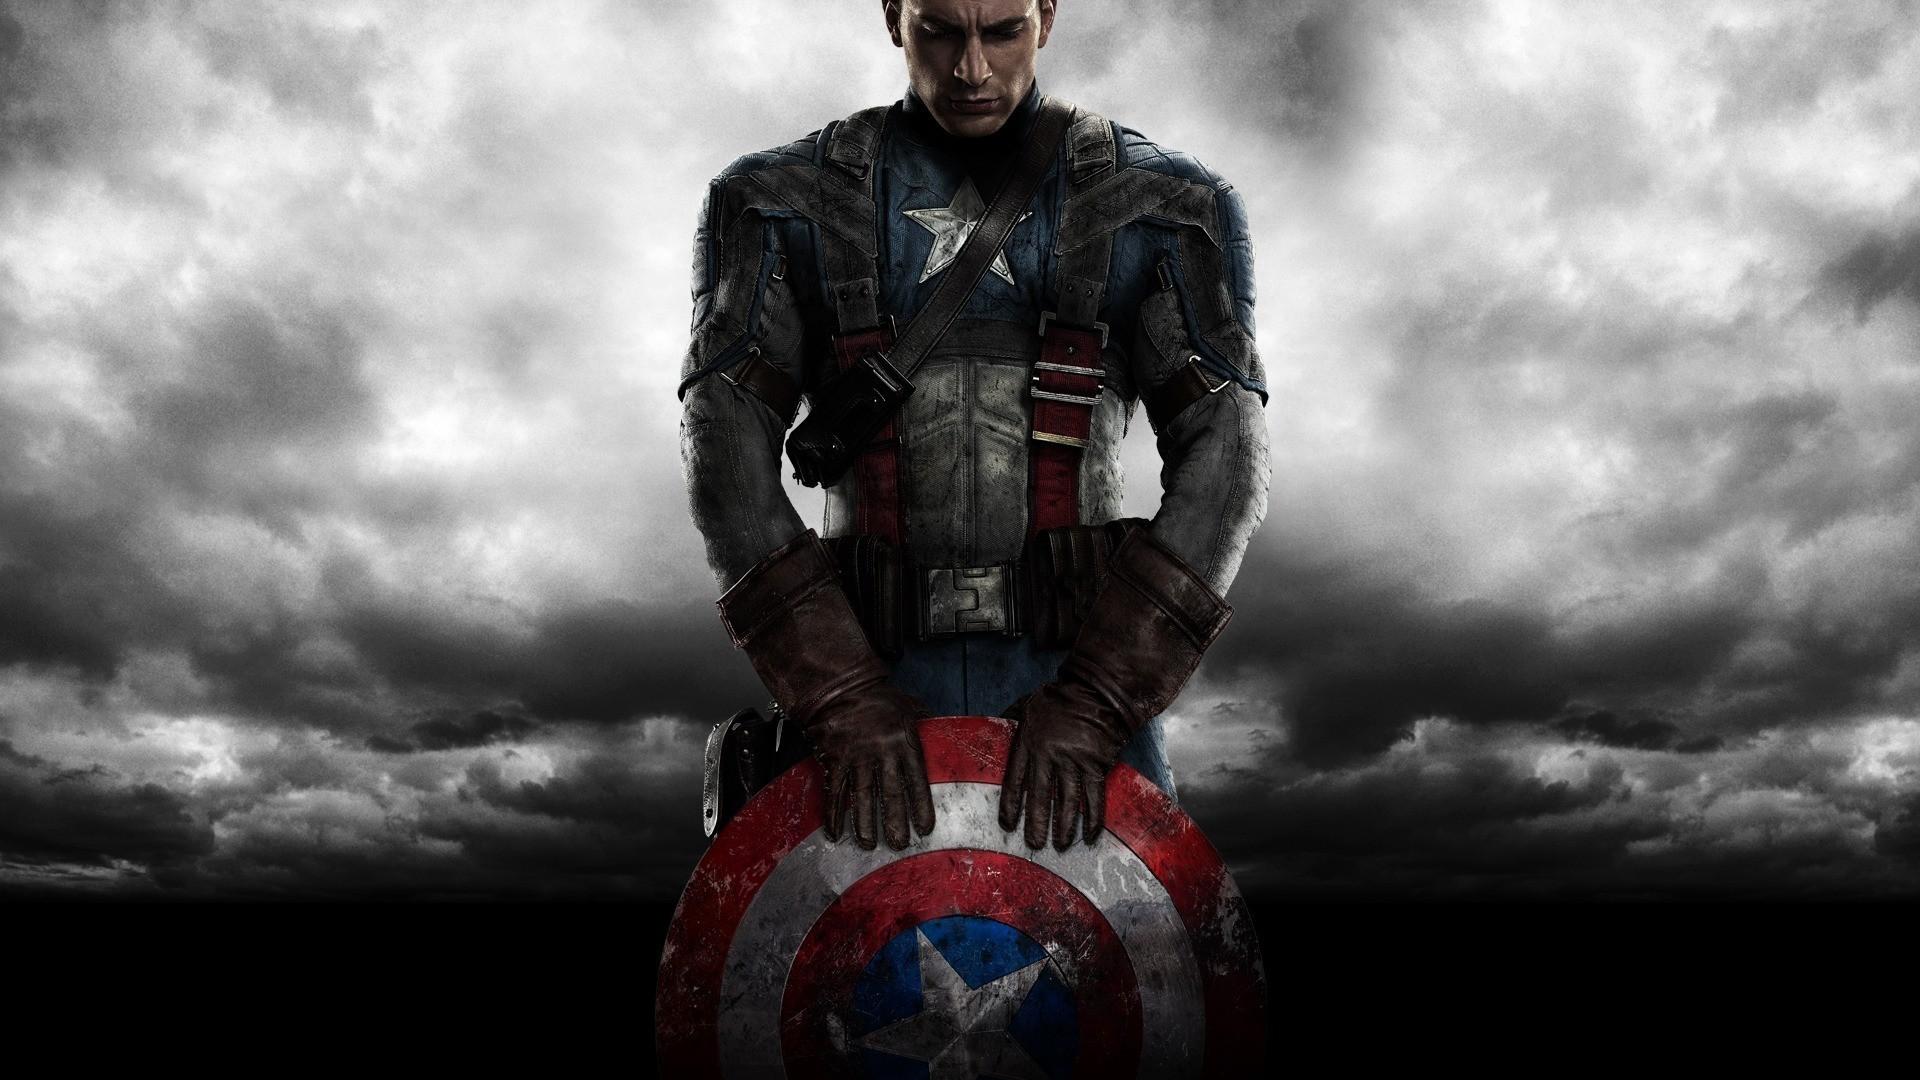 пирсингом, возможные капитан америка фото на рабочий стол отличительной